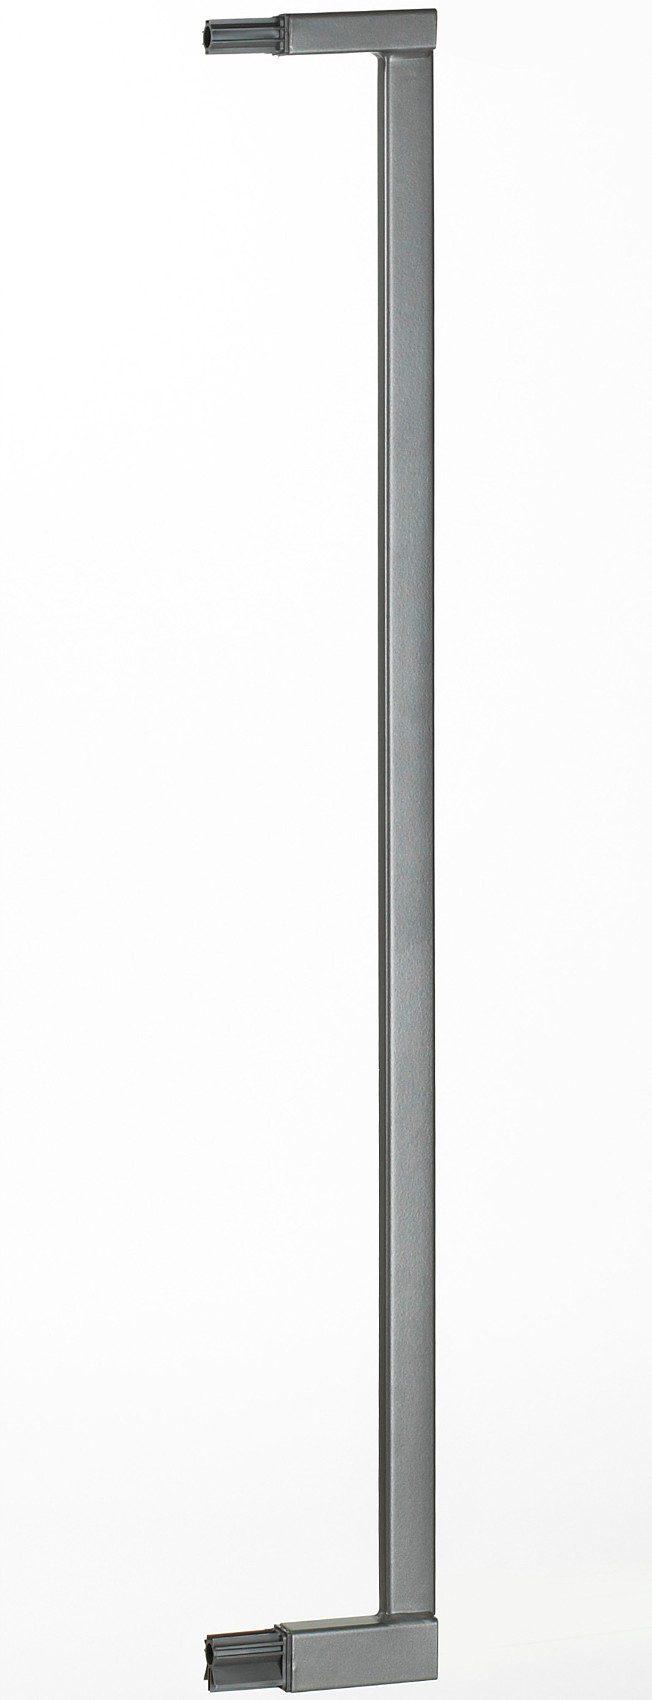 Geuther Verlängerung für Easy Lock, 8 cm, silber (0091VSSI)